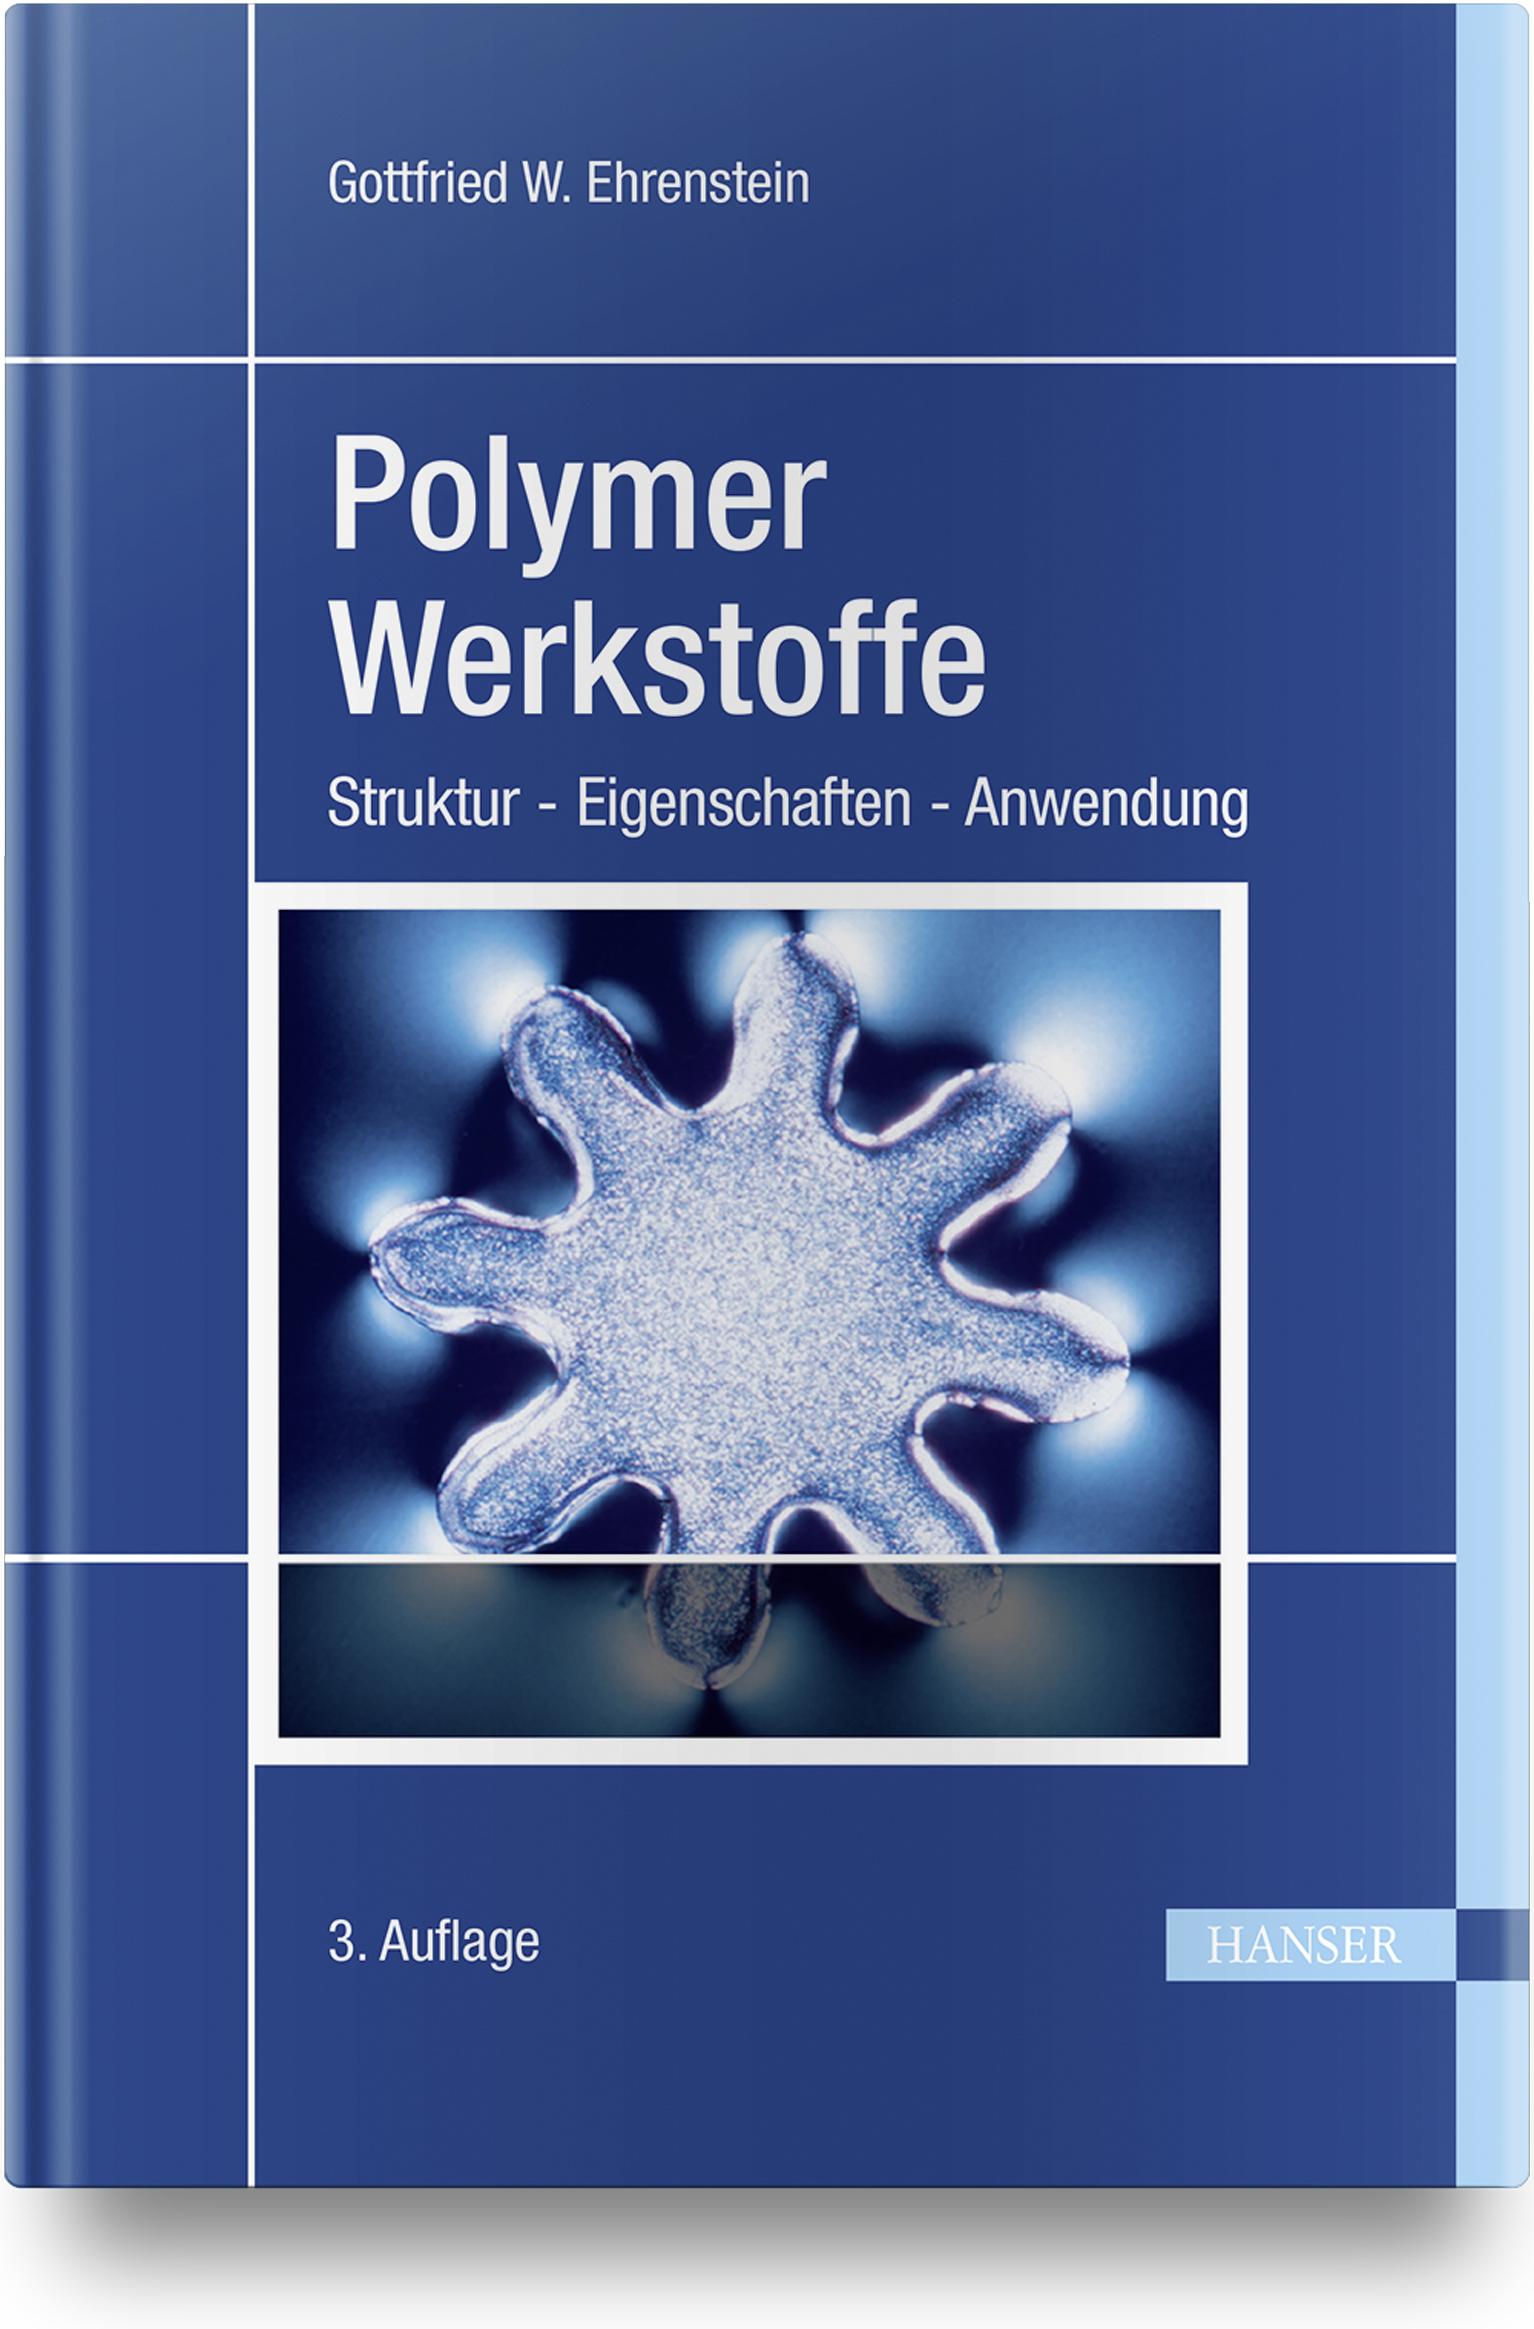 Ehrenstein, Polymer-Werkstoffe, 978-3-446-42283-4